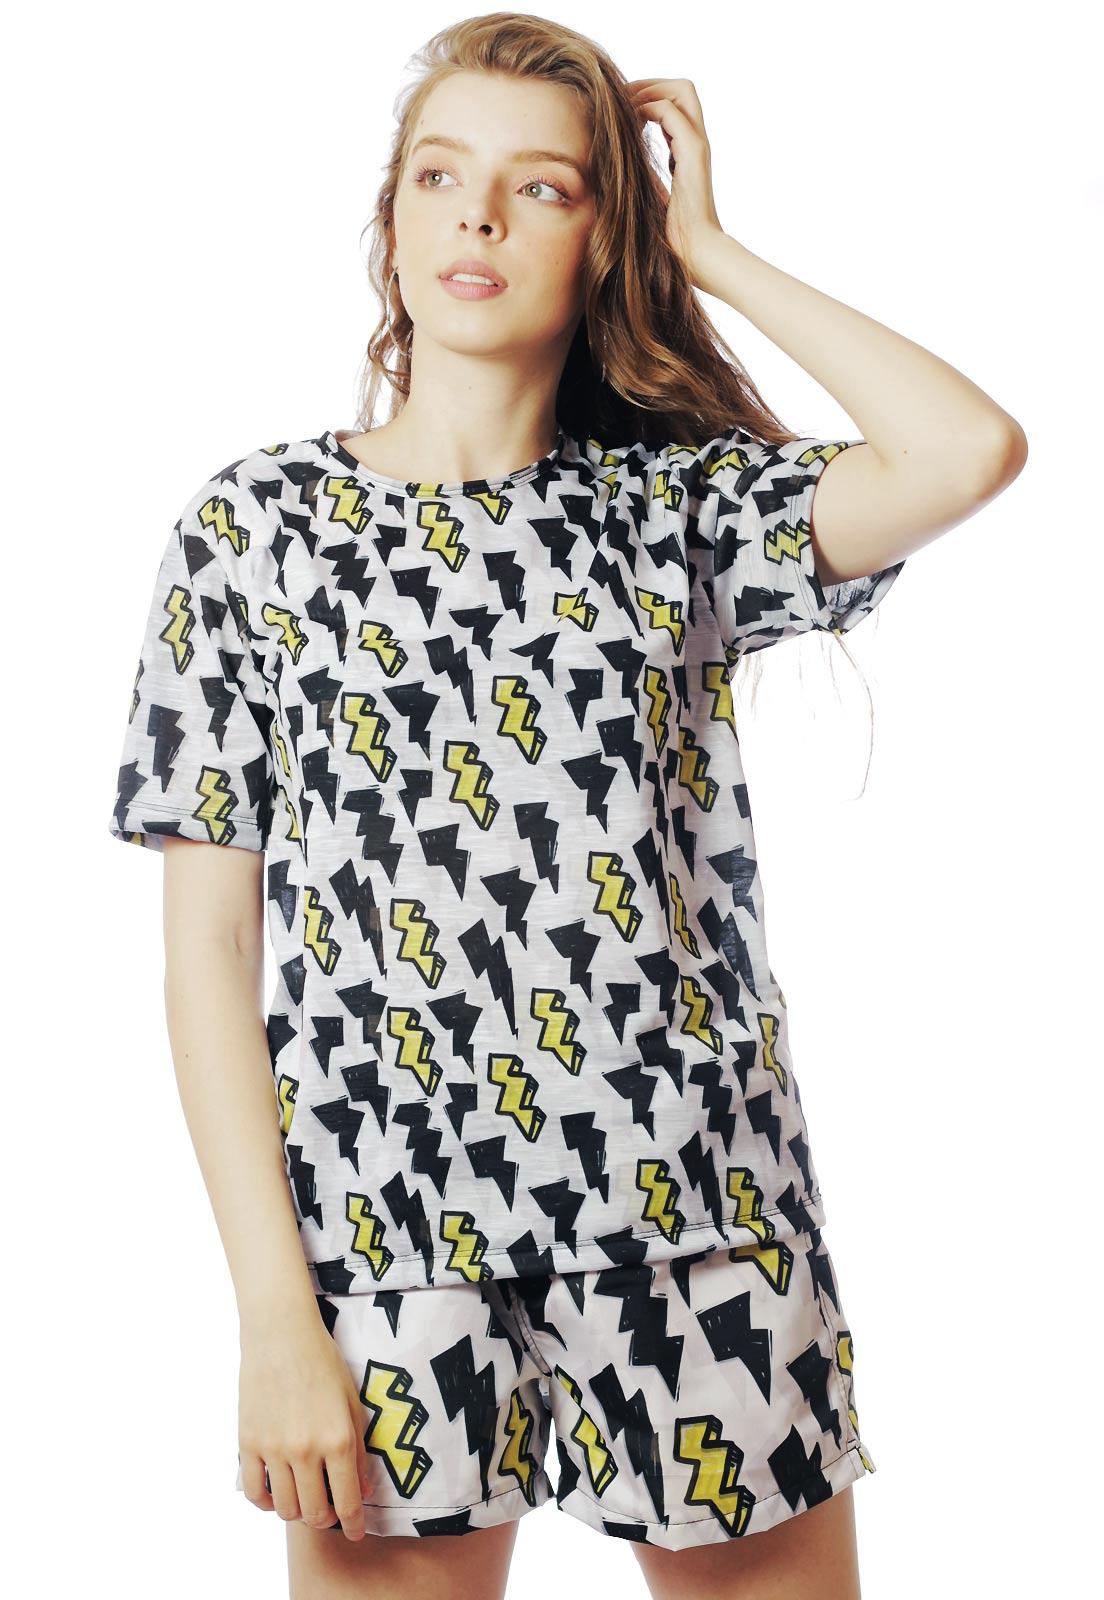 Camiseta Estampado Camisa Unissex Energy Raio BF3